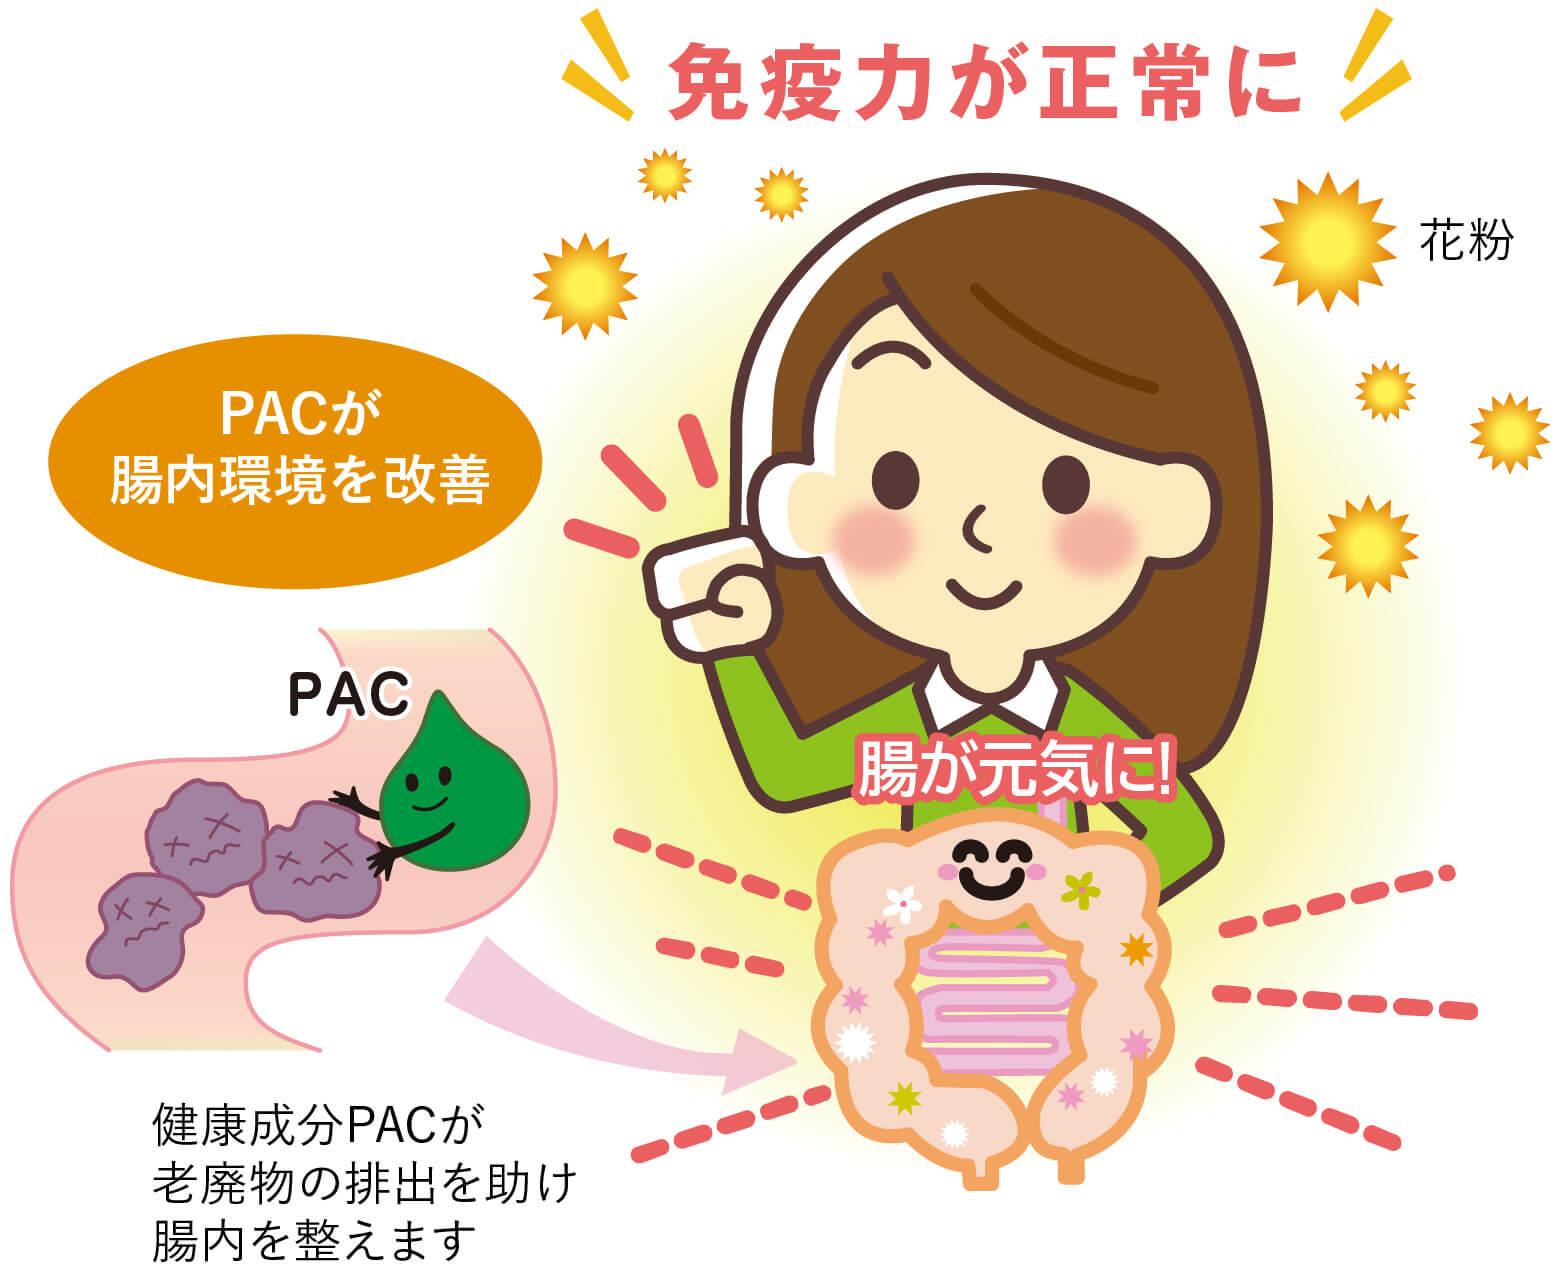 花粉症などアレルギー症状が和らぐはたらきがあります